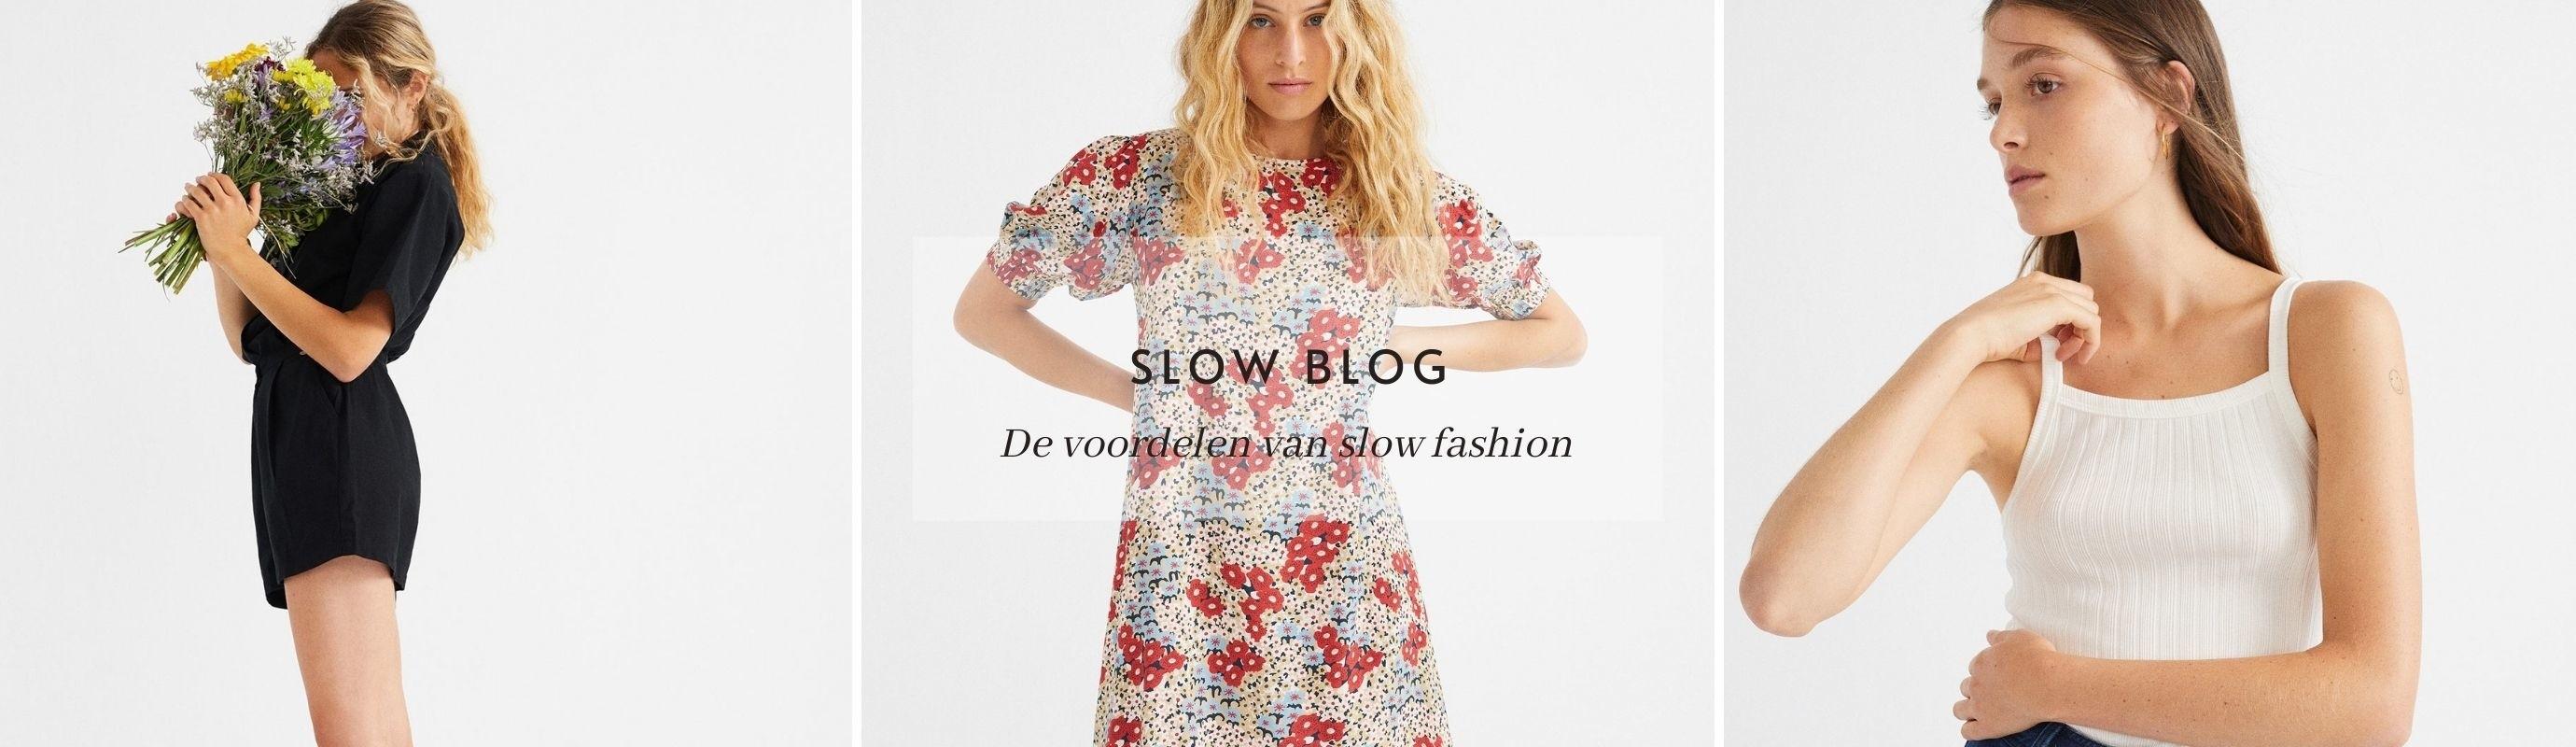 De voordelen van slow fashion